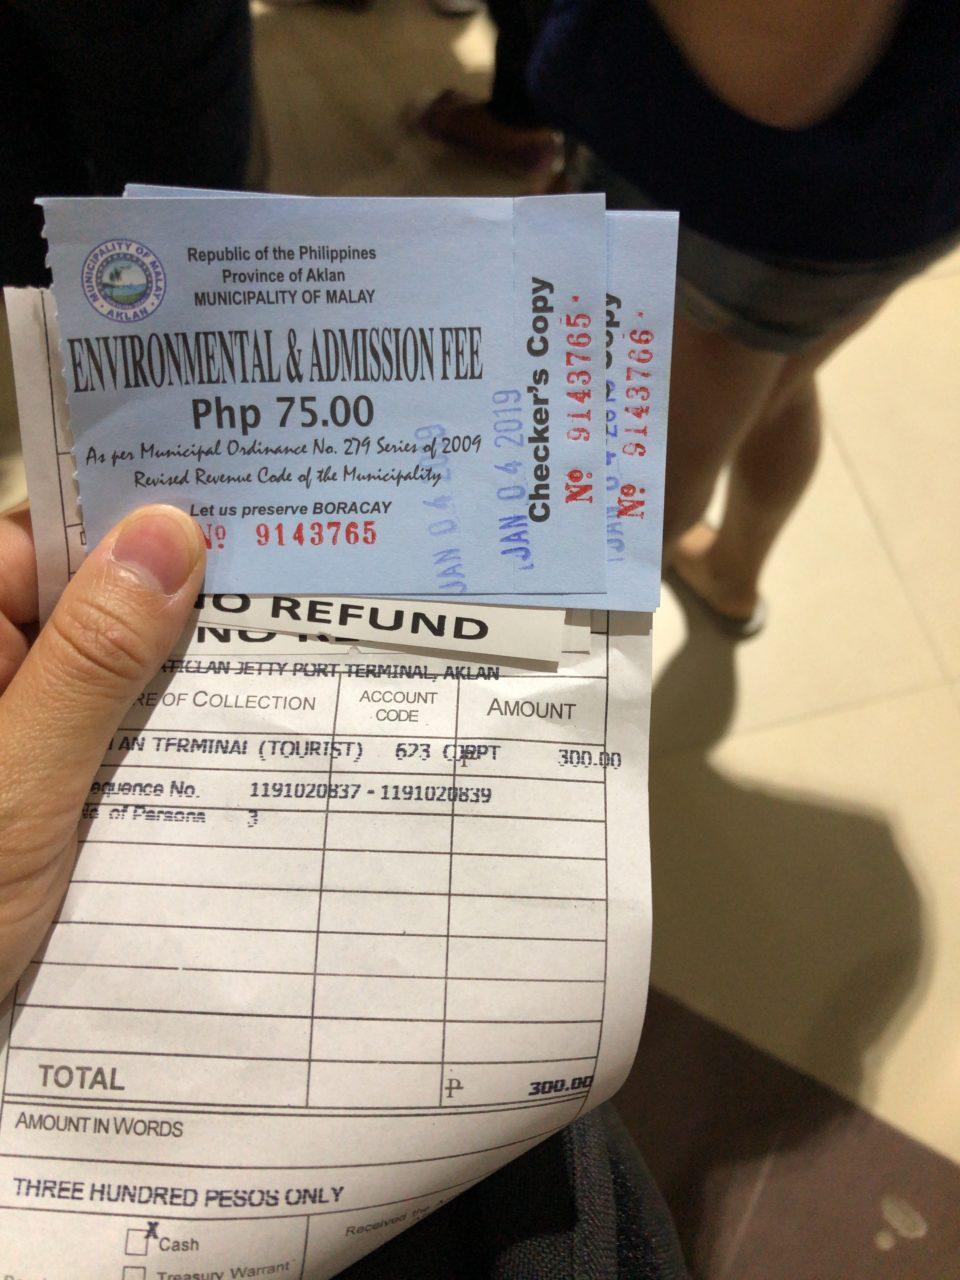 環境税・エントランスフィー